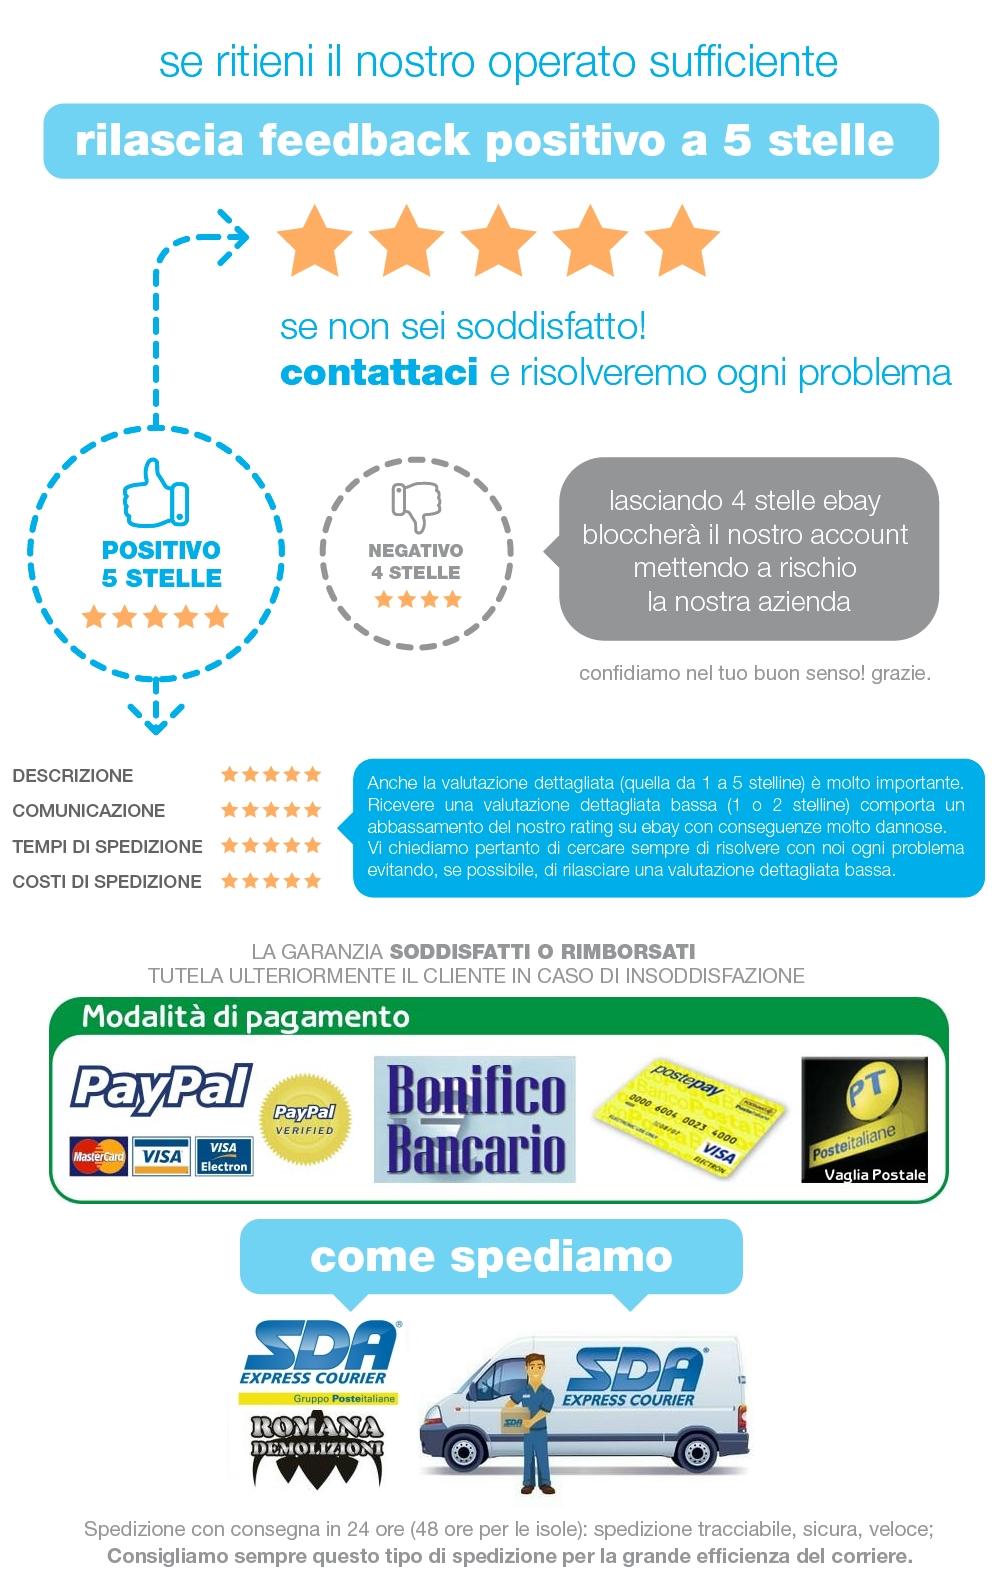 http://diggio.altervista.org/romanademolizioni/foglioromanademolizioni.jpg